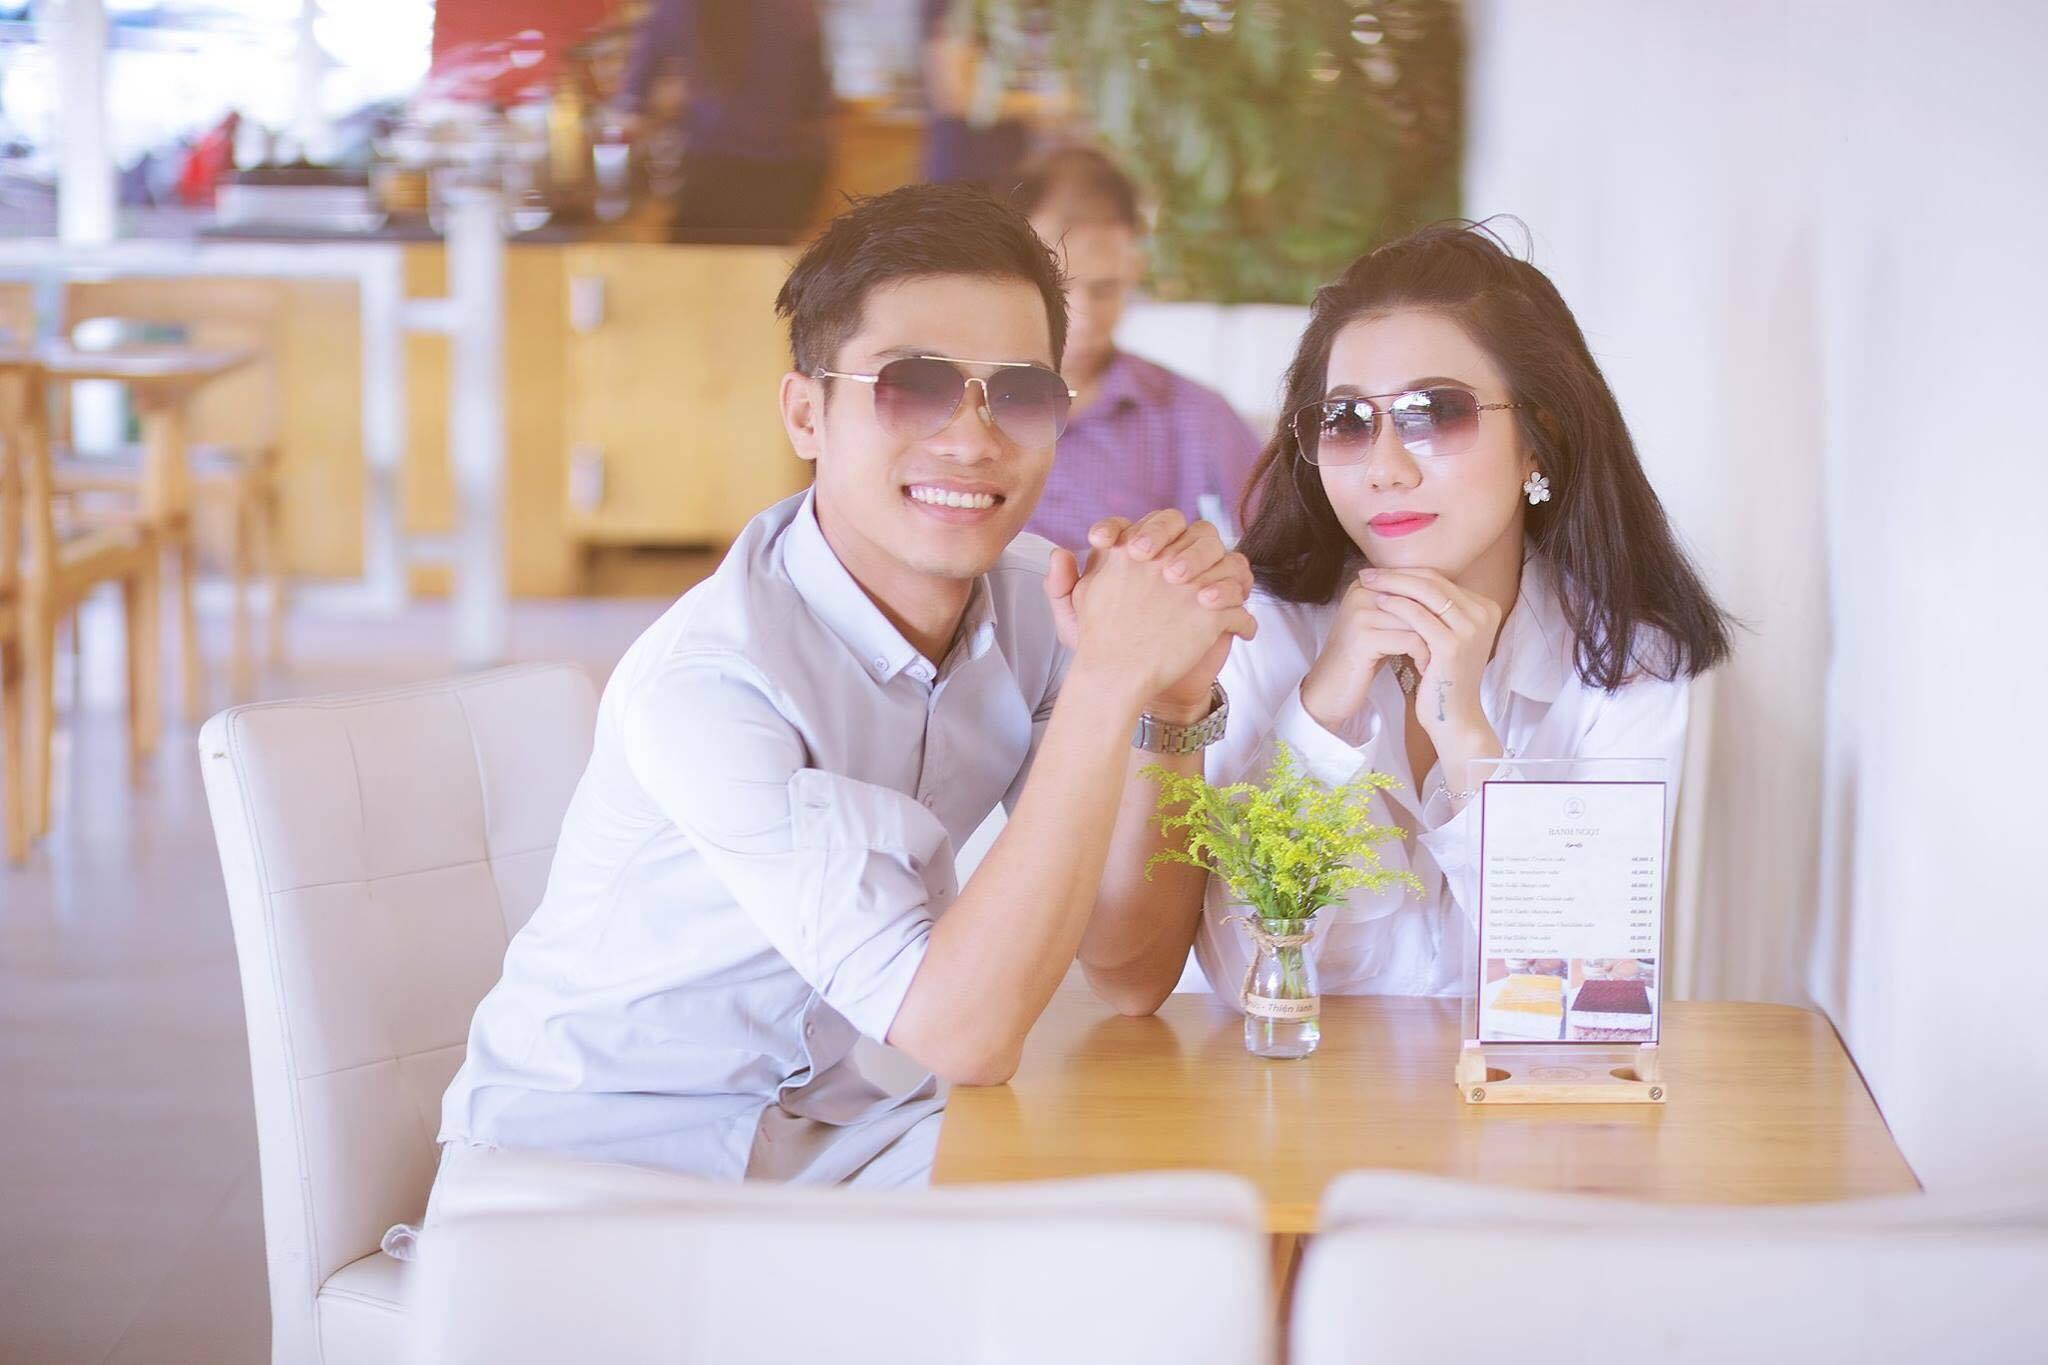 Tìm thấy tình yêu thất lạc sau 4 năm nhờ Bạn muốn hẹn hò, chàng trai nói một câu khiến cô gái đồng ý kết hôn ngay lập tức - Ảnh 4.